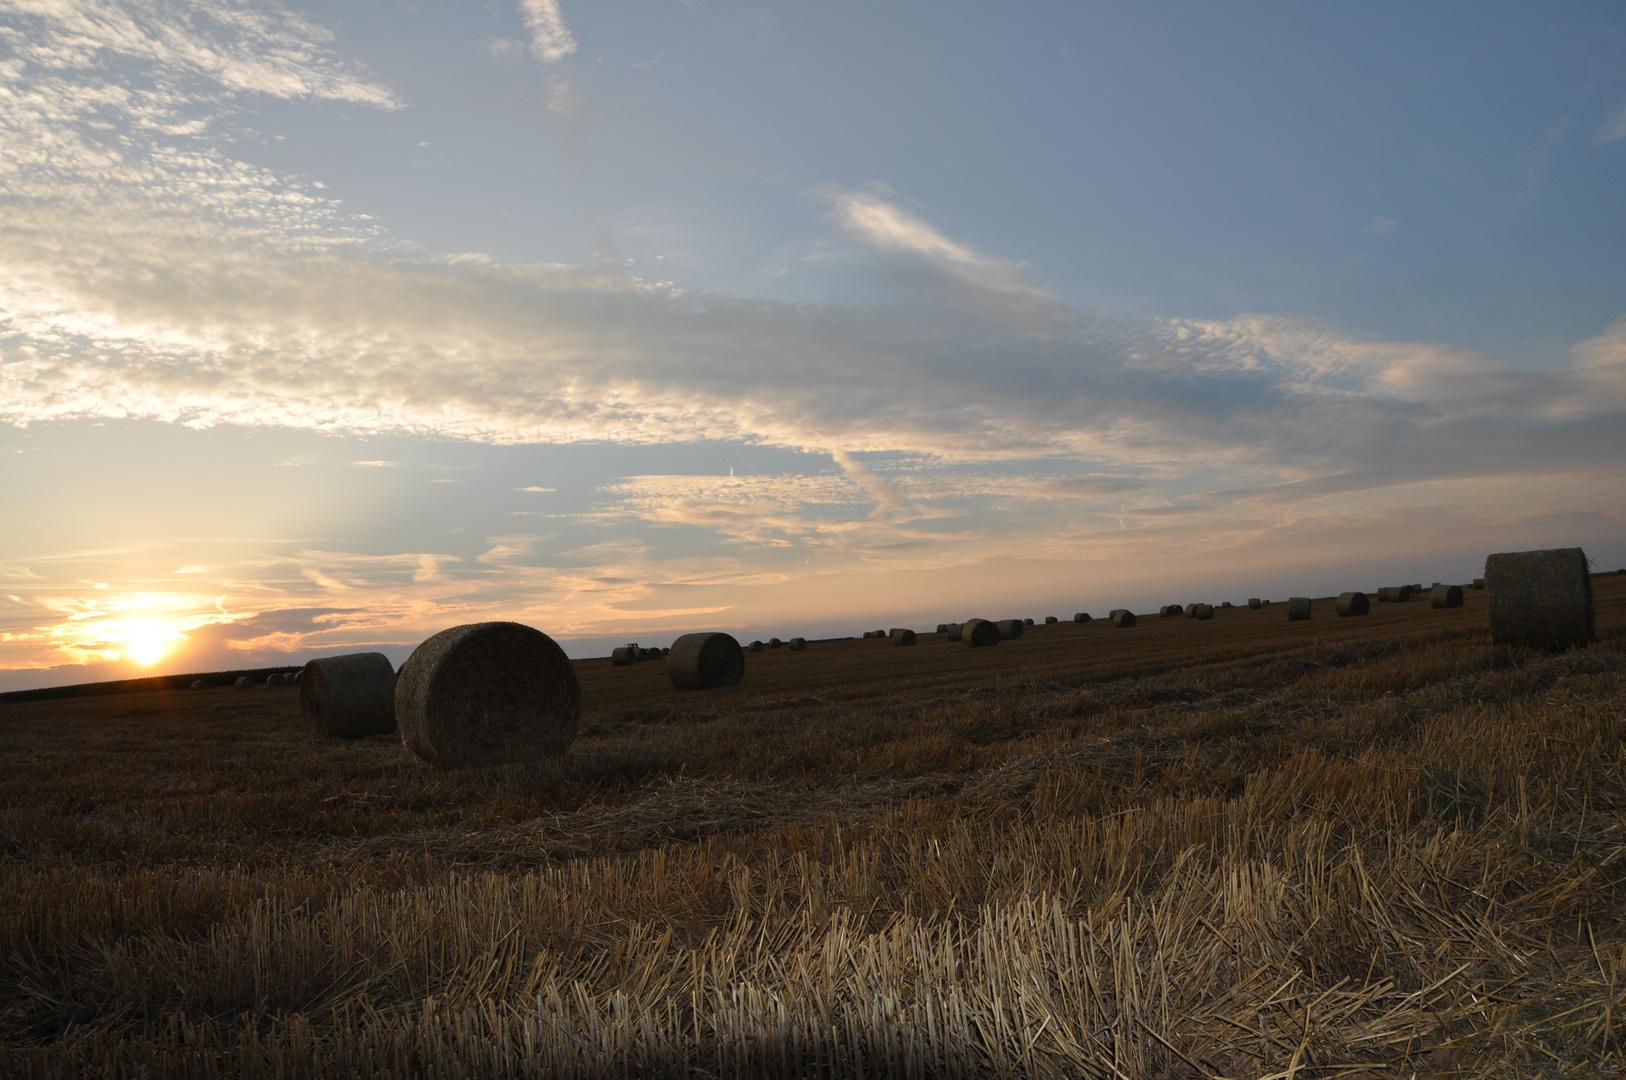 Sonnenuntergang mit Strohballen